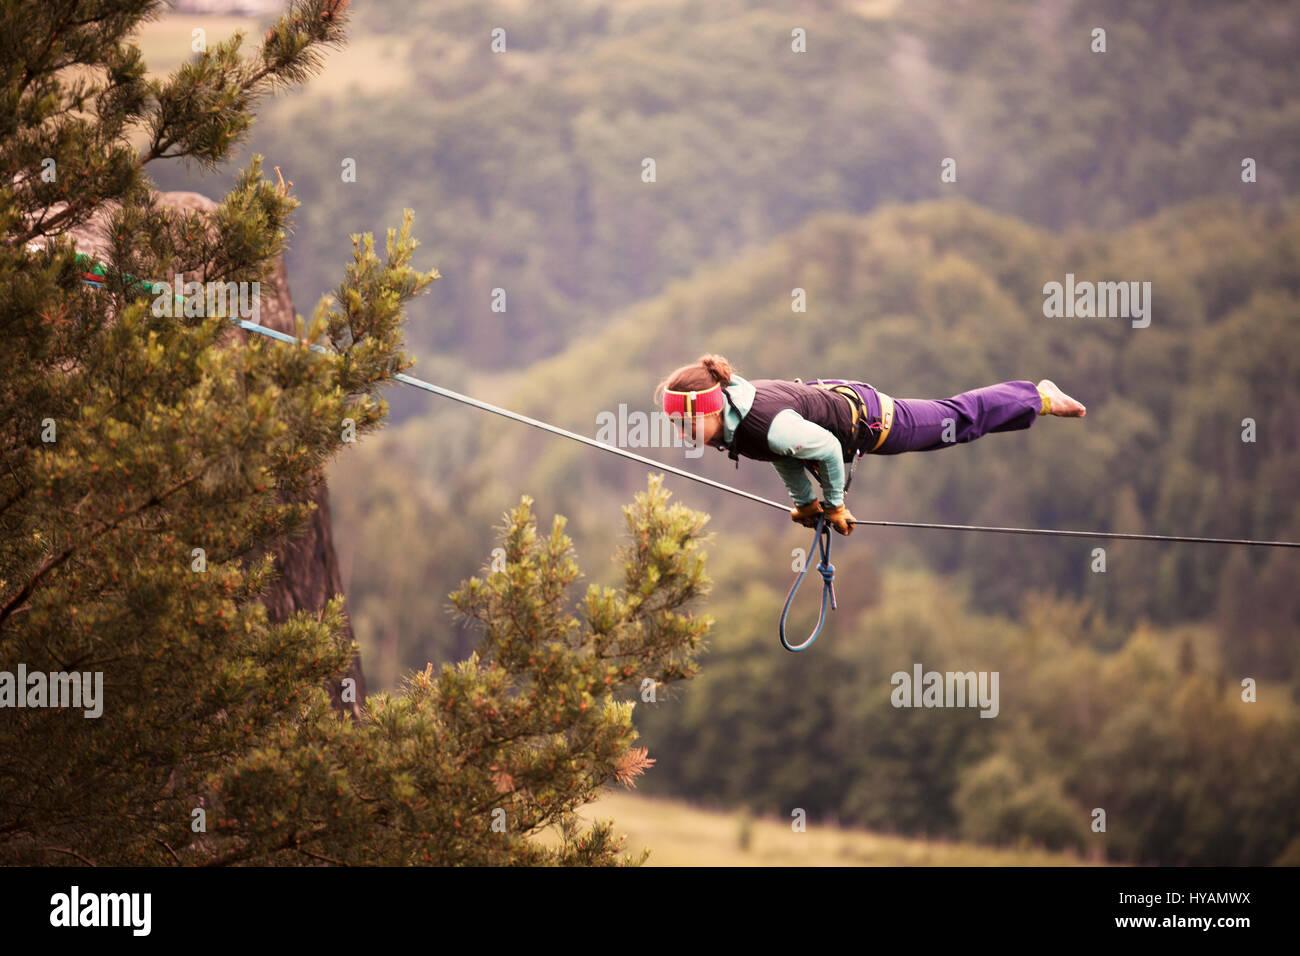 OSTROV, REPUBBLICA CECA: una femmina slackliner mostra off in high-filo. Da medicazione in costume alla locazione Foto Stock